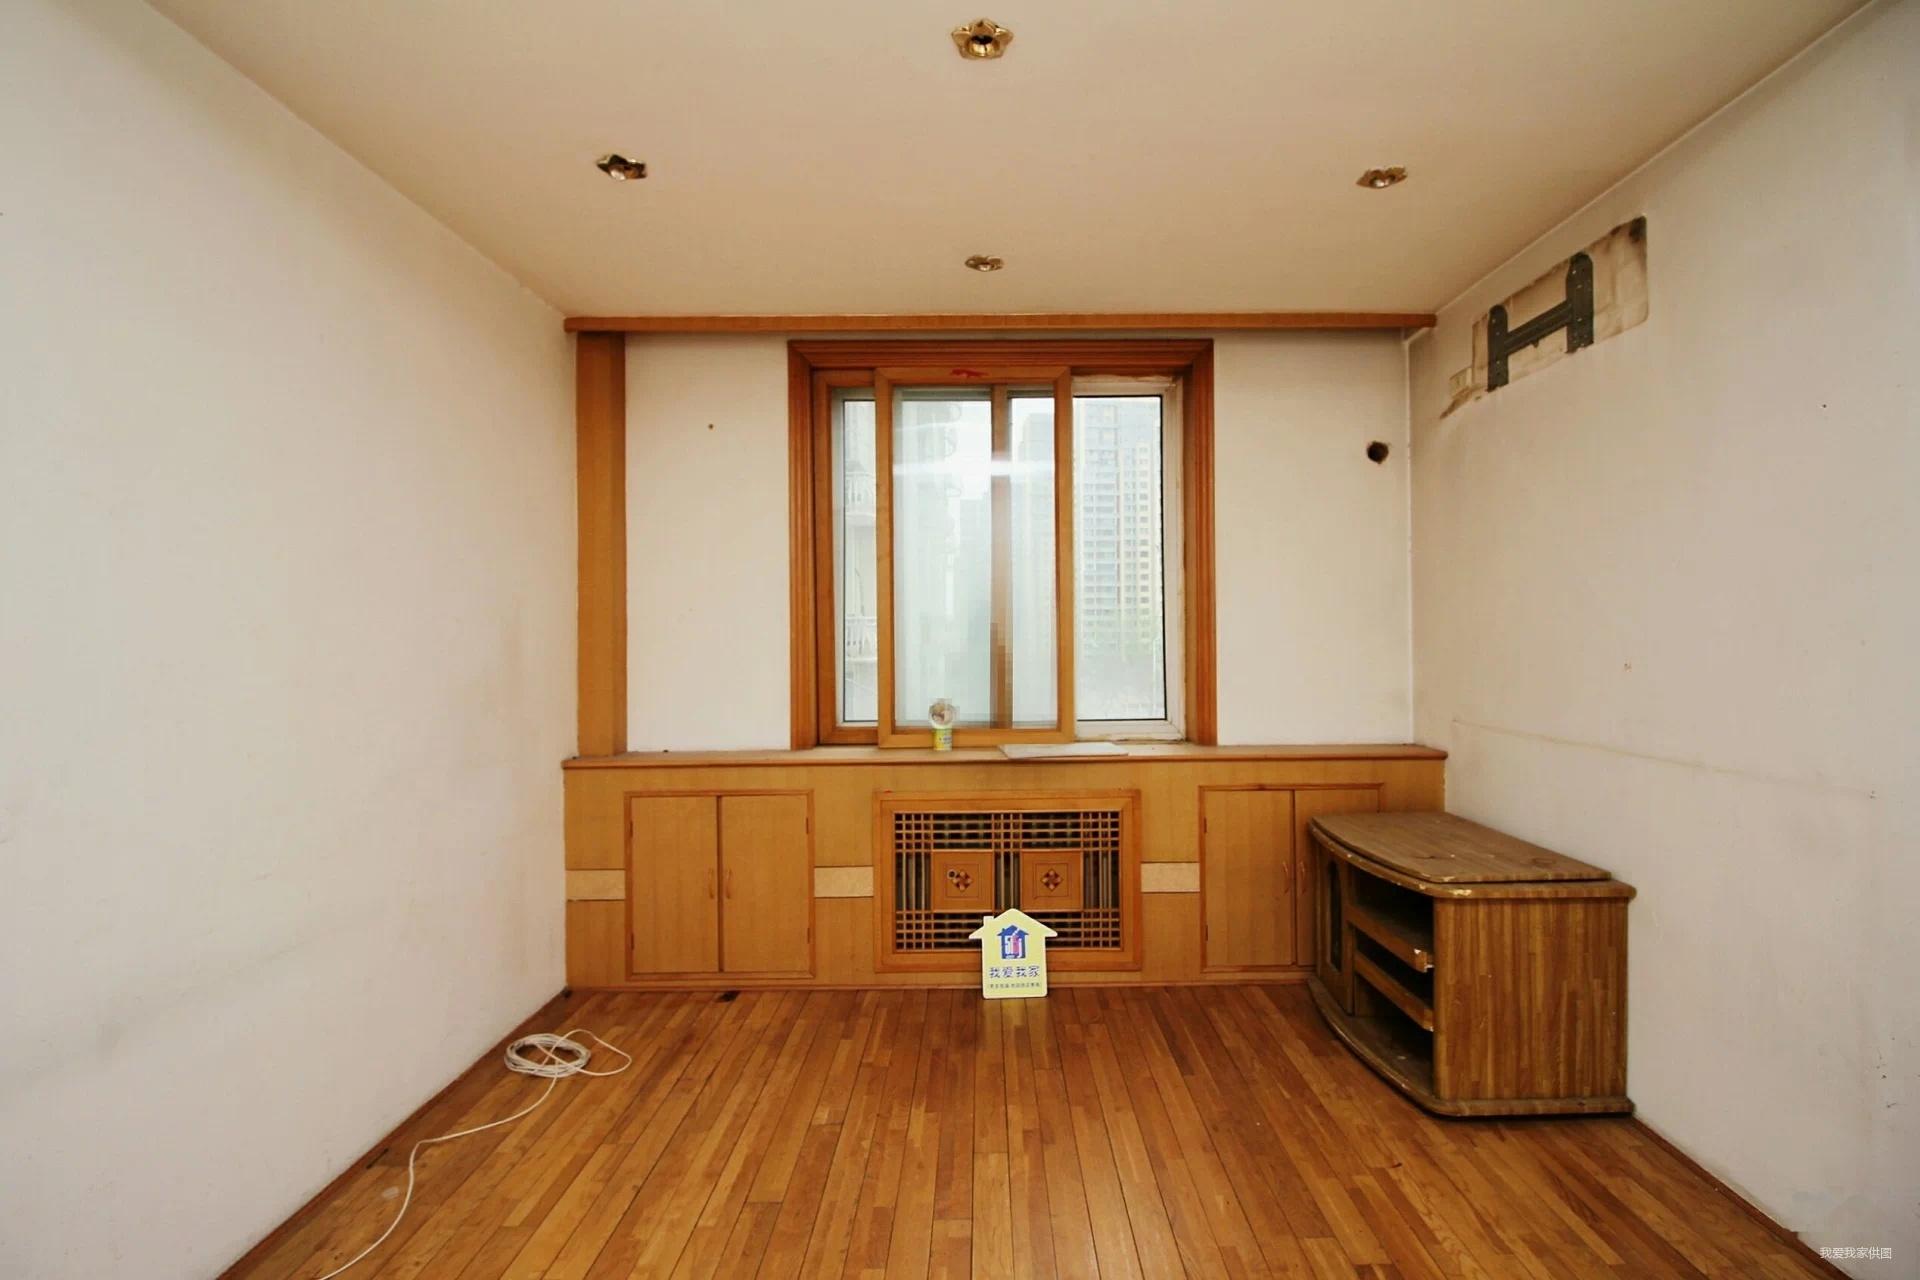 金合园,两室的房子精装修,南北通透户型,有钥匙随时看房,急售